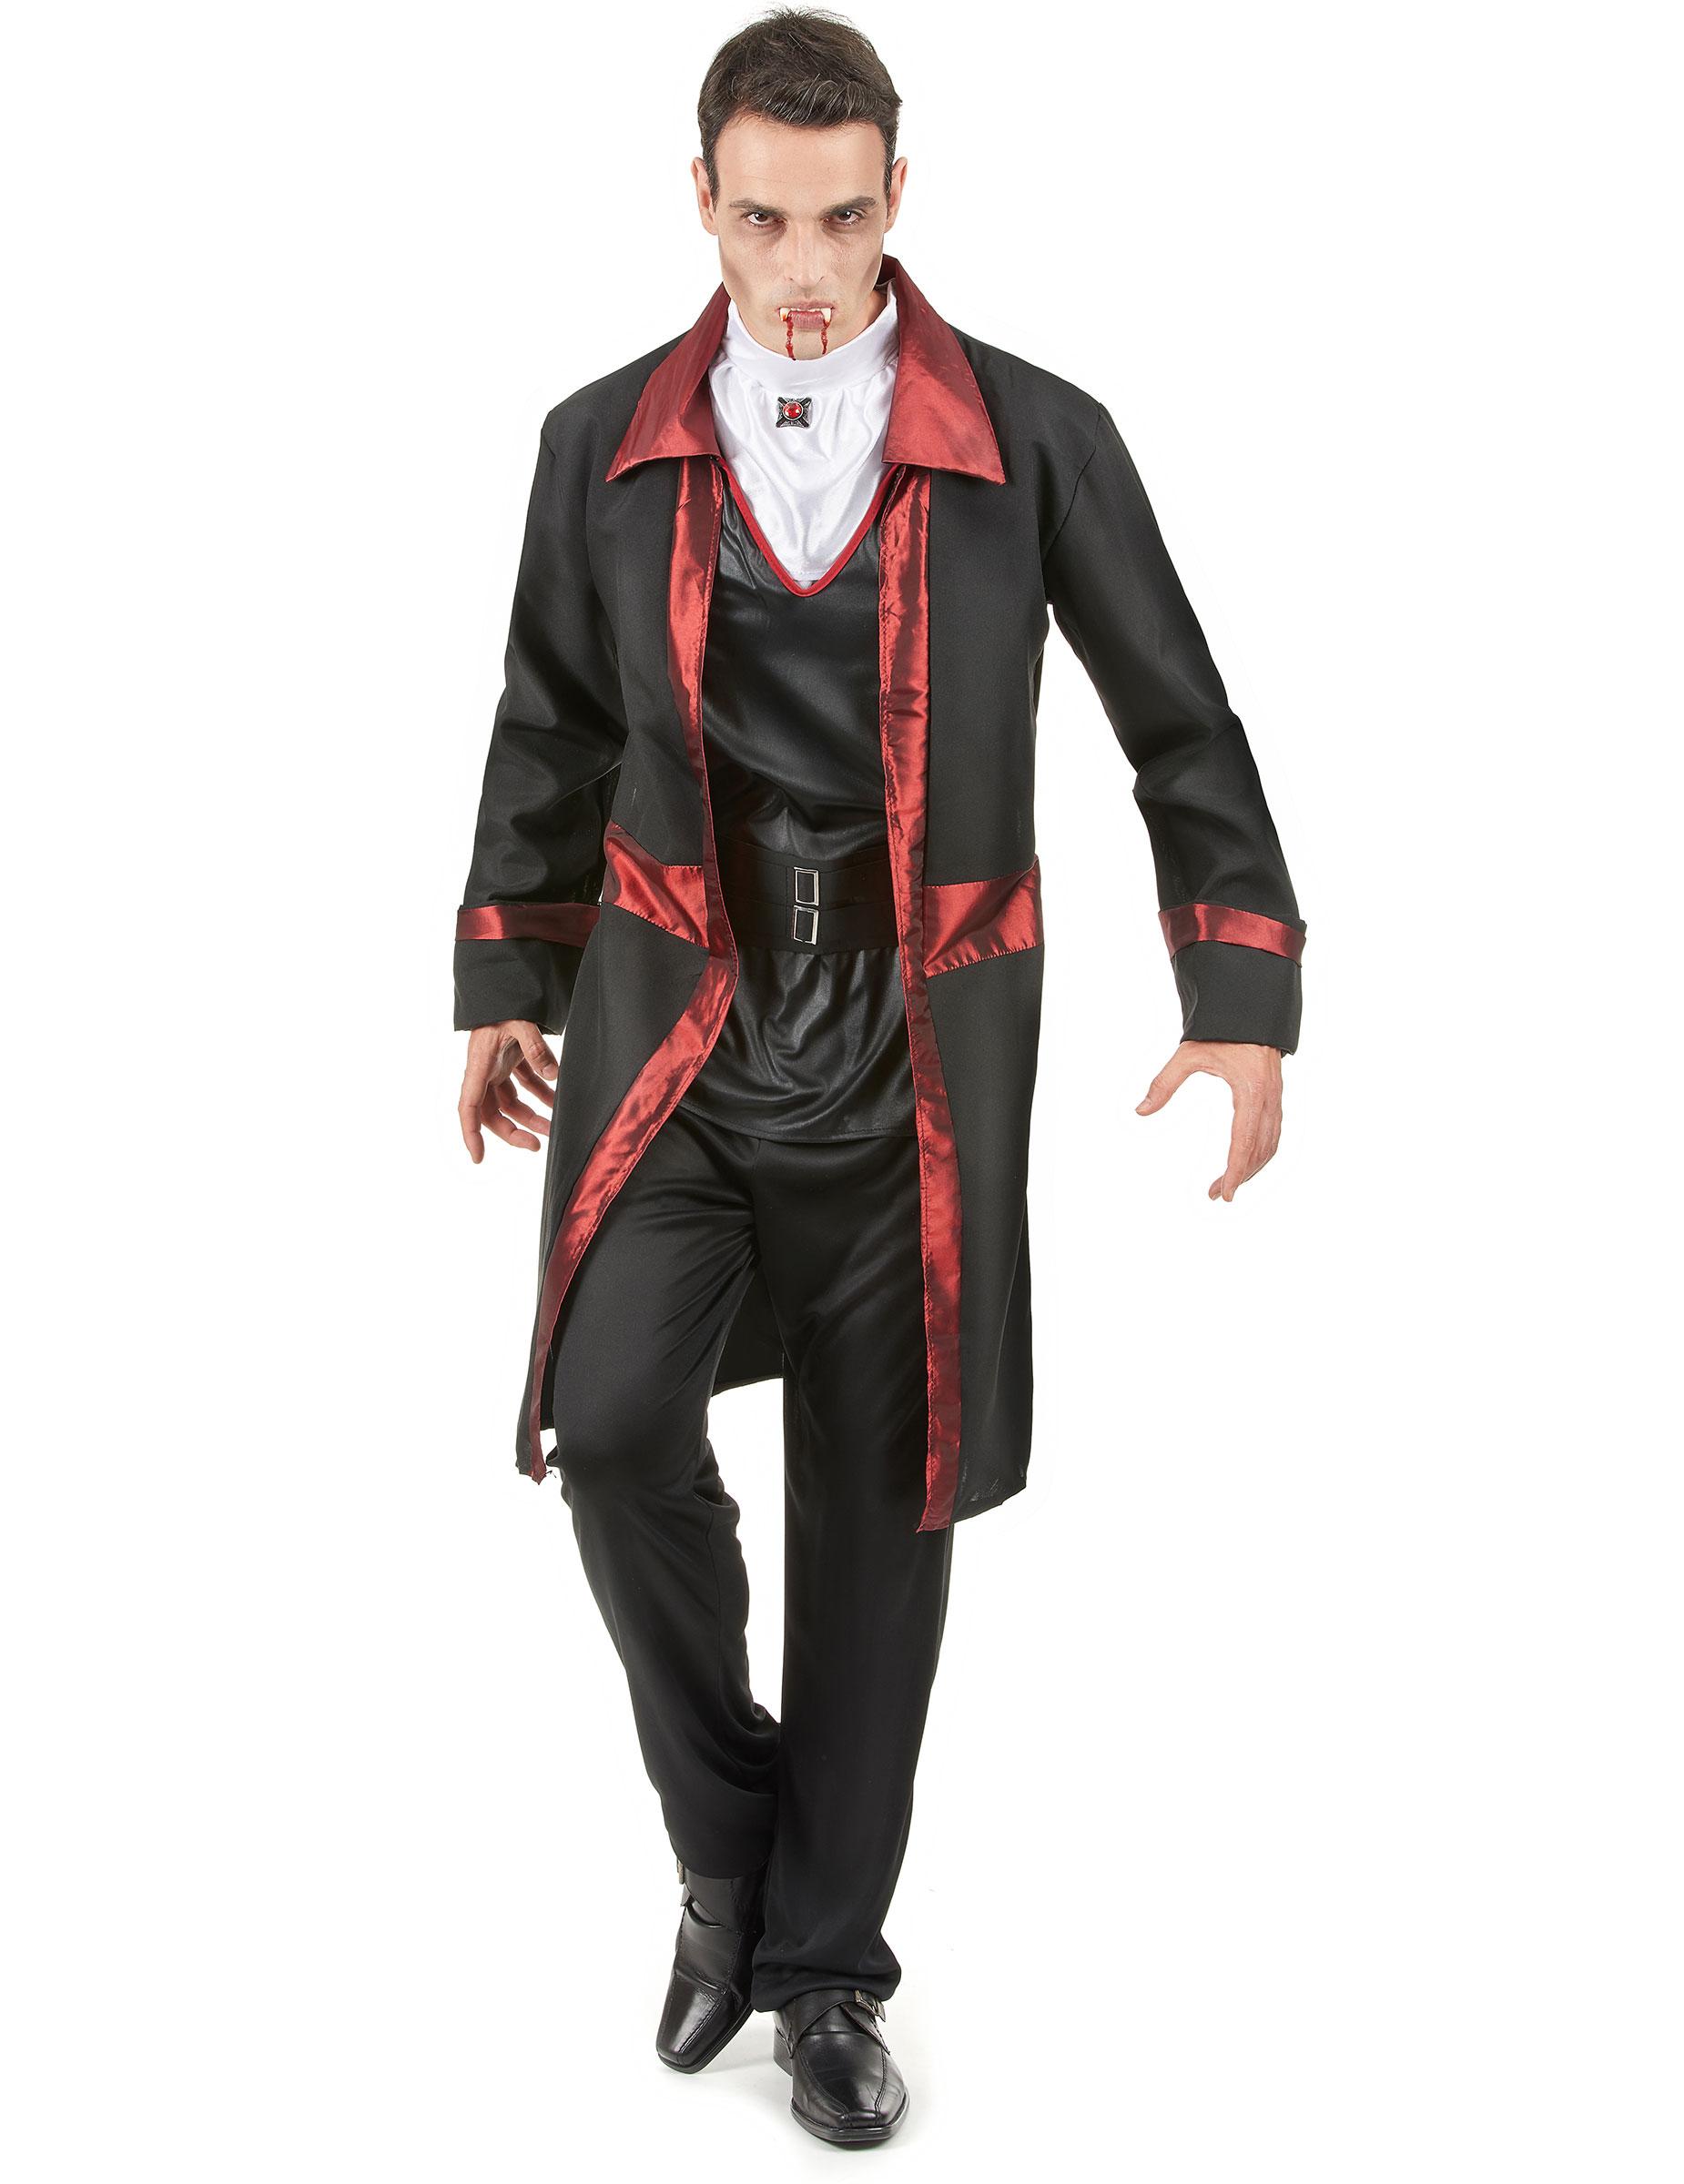 Travestimenti Halloween Uomo.Vestiti Halloween Uomo Al Miglior Prezzo Vegaoo It